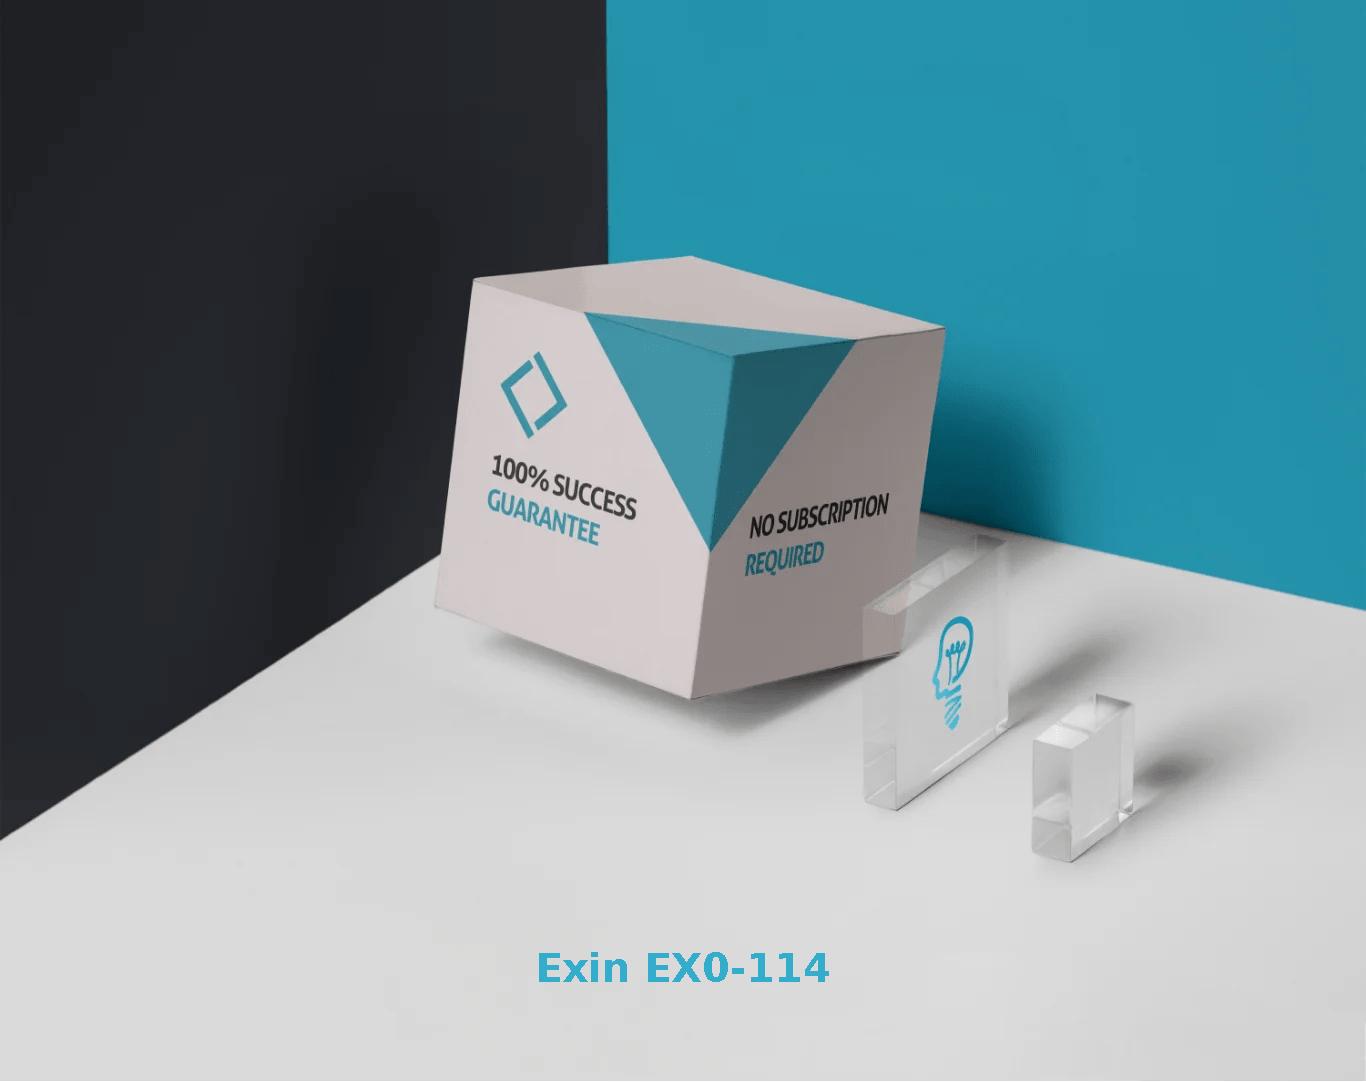 Exin EX0-114 Exams